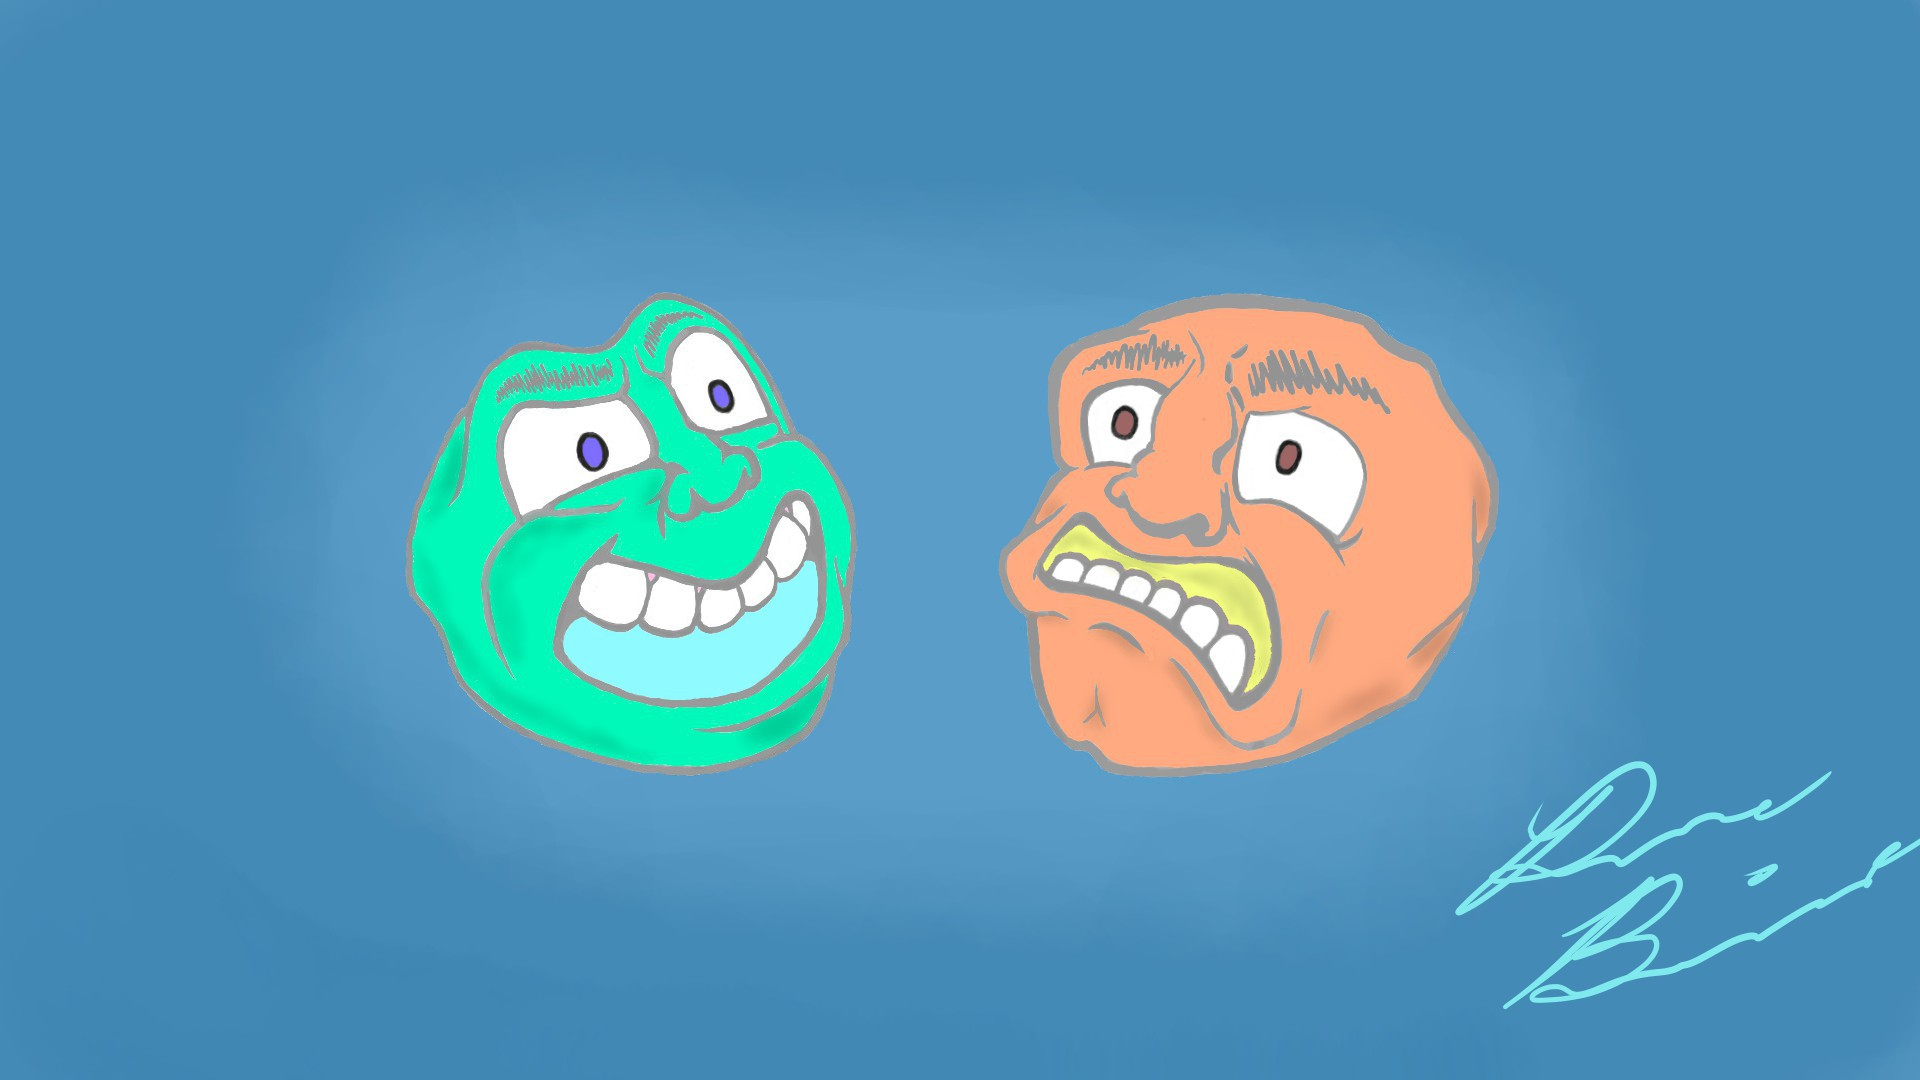 Potato Heads